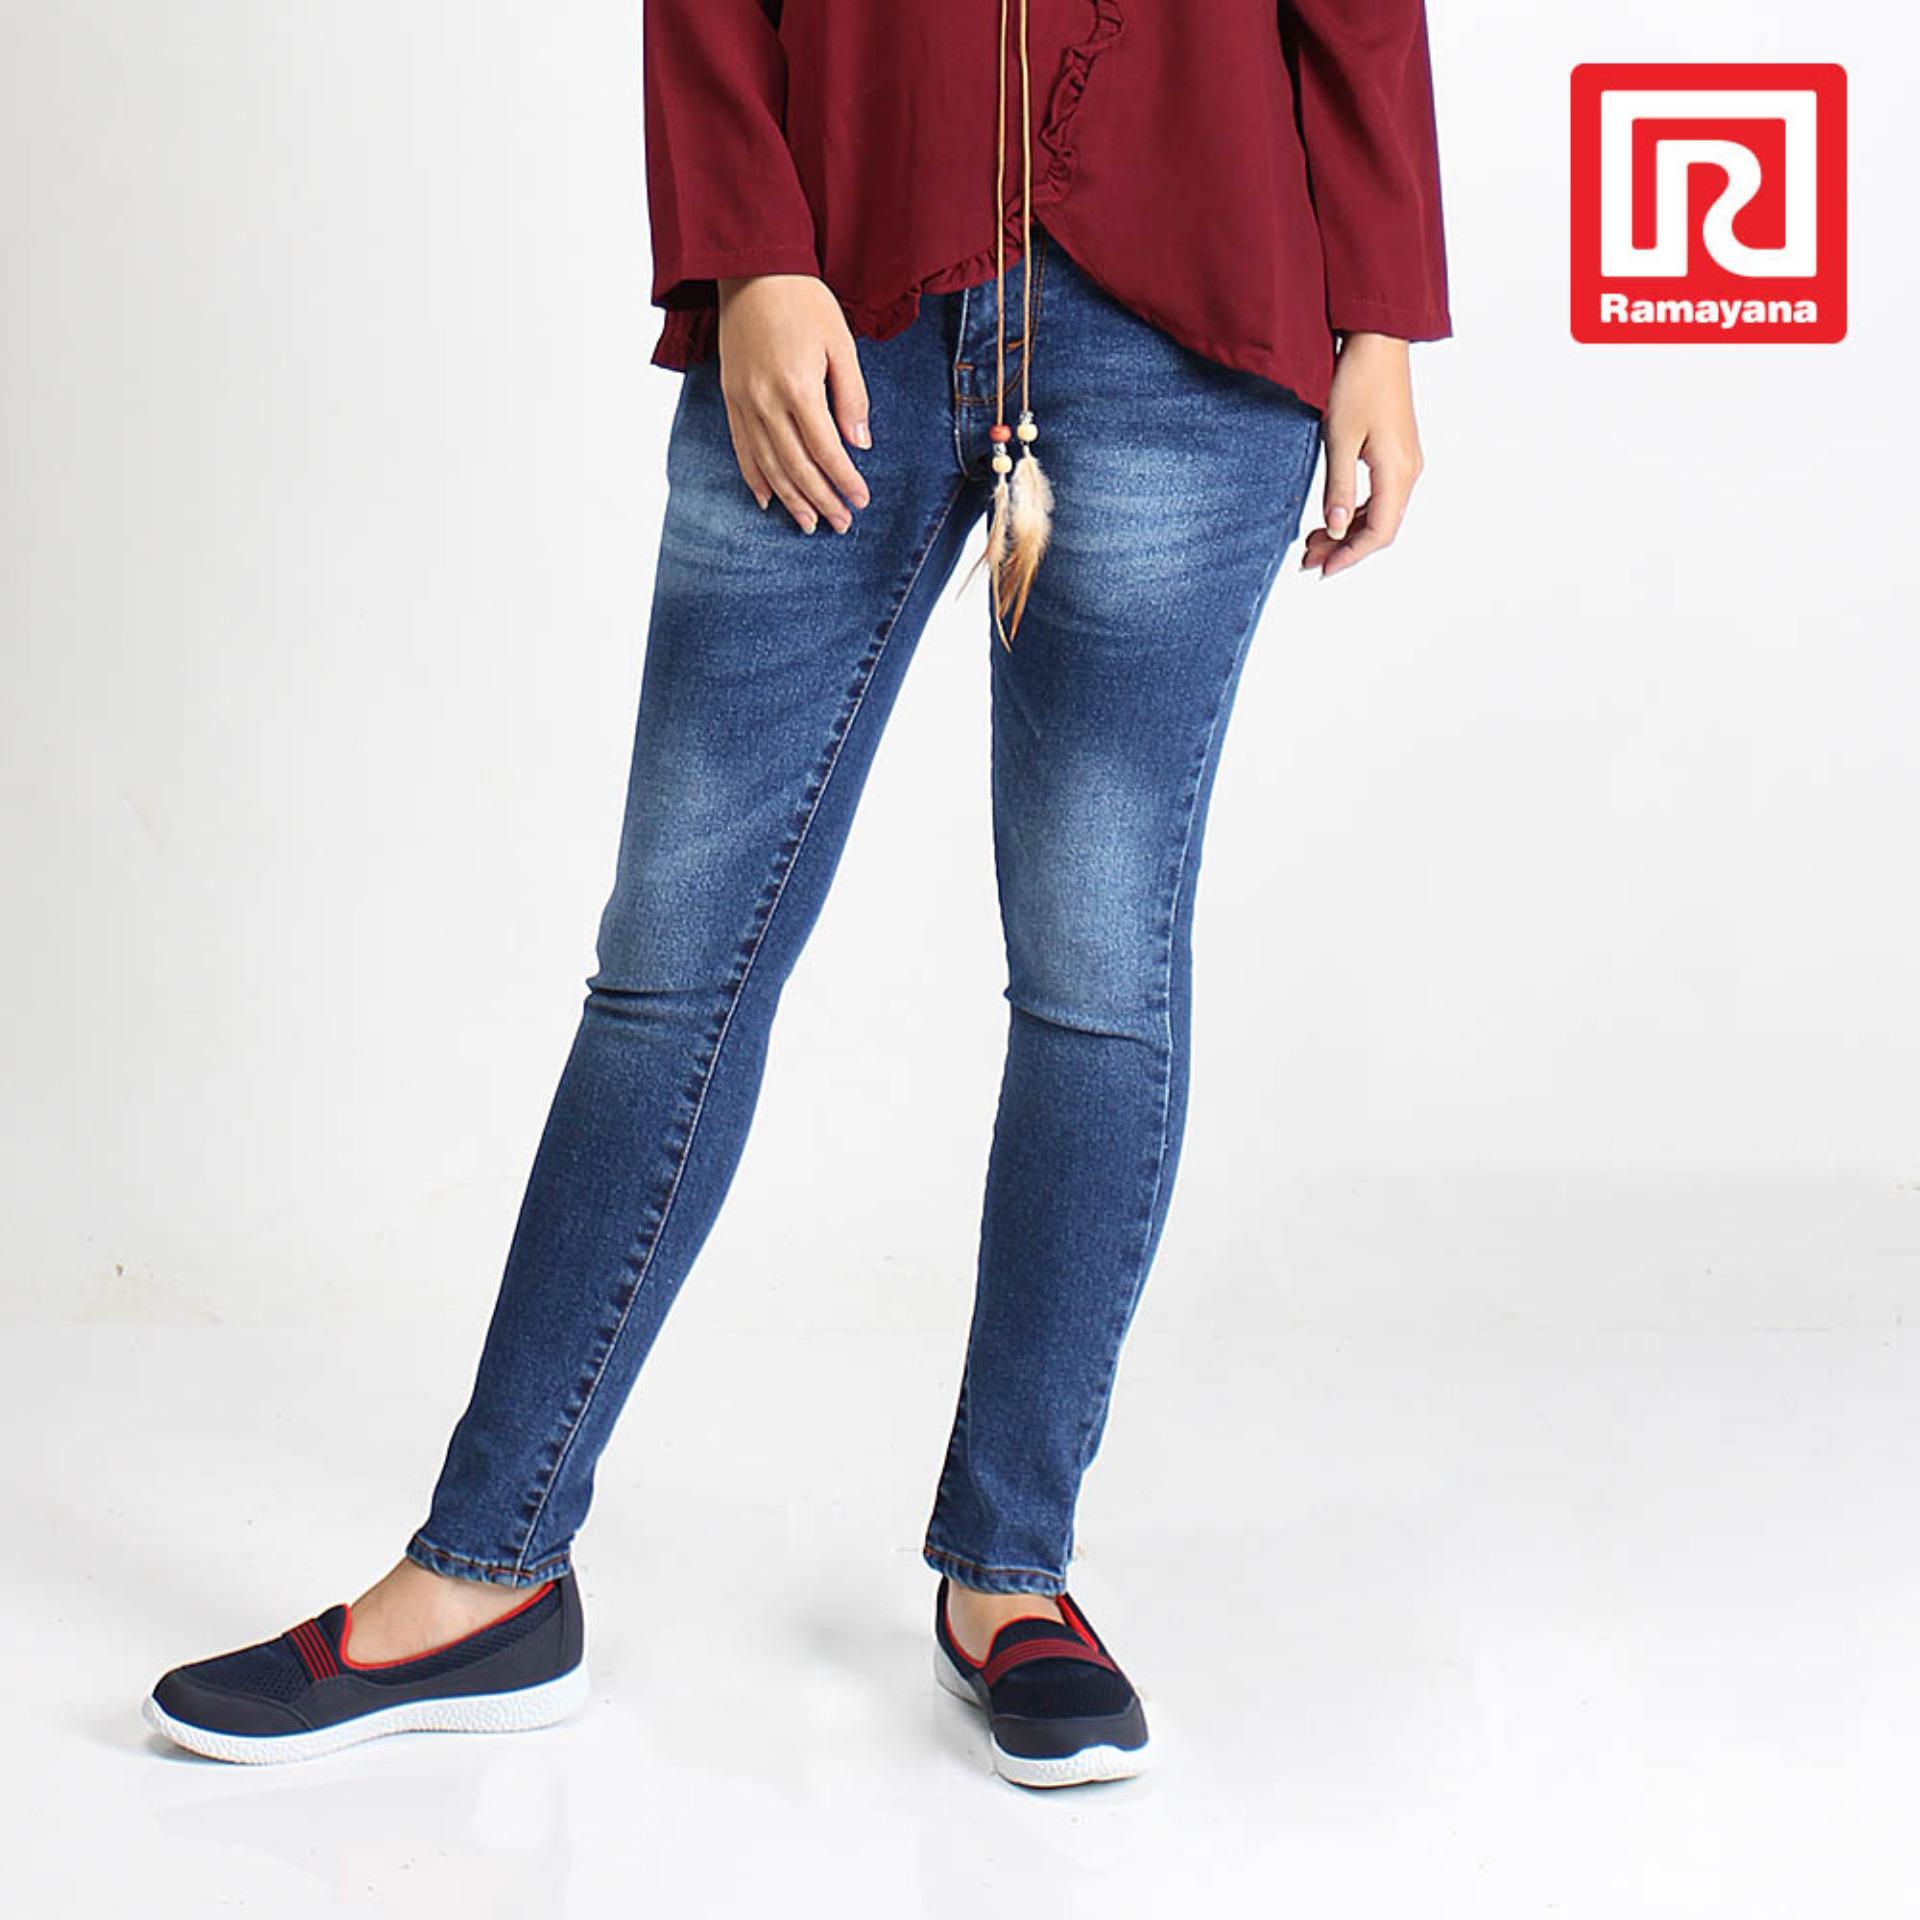 Harga Ramayana Jj Jeans Celana Jeans Panjang Wanita Regular Skinny Biru Biostone Jj Jeans 07965347 Yang Murah